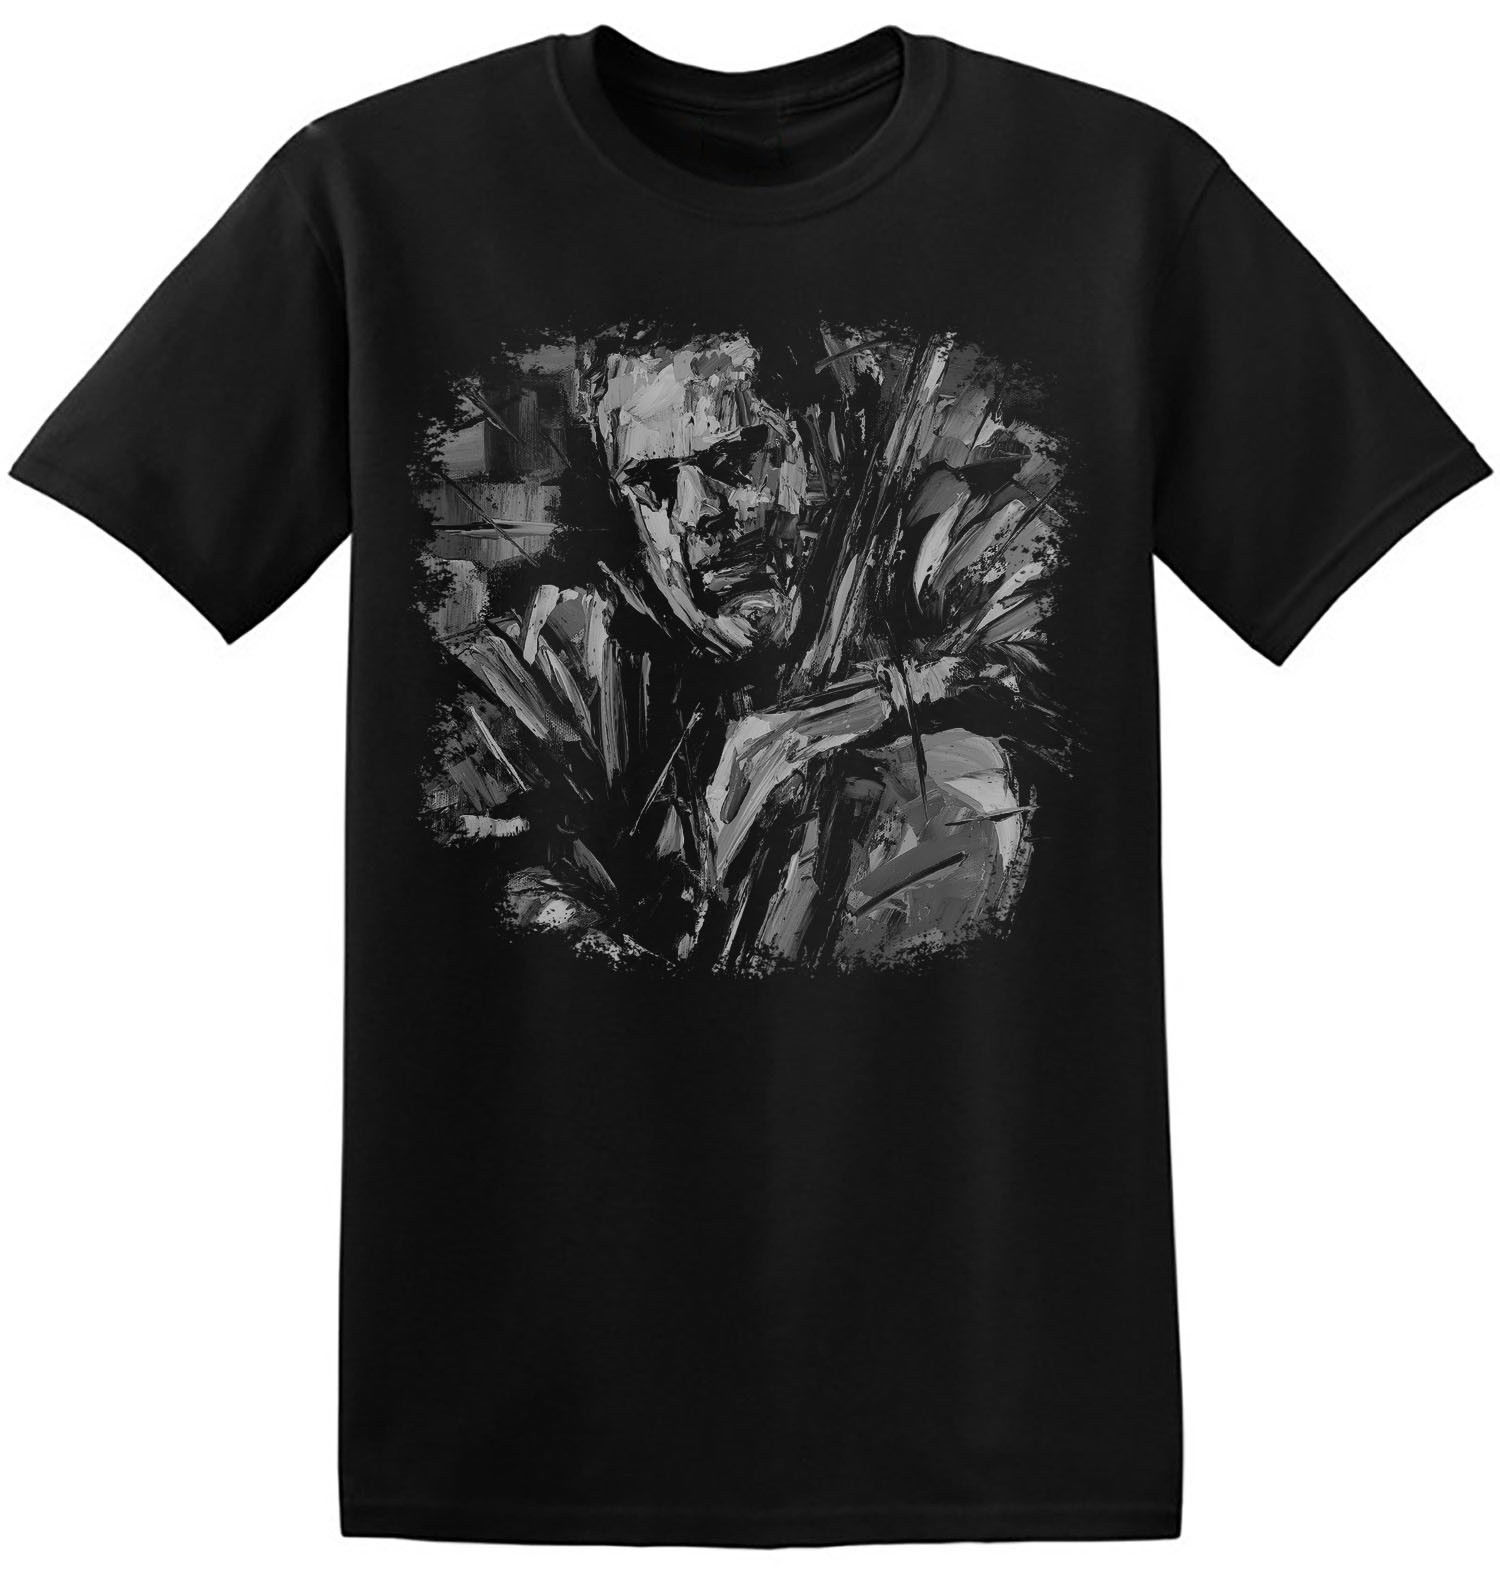 Charles mingus t camisa de impressão gráfica preto história jazz música banda t 4-a-040 masculino o-pescoço camisetas impressas